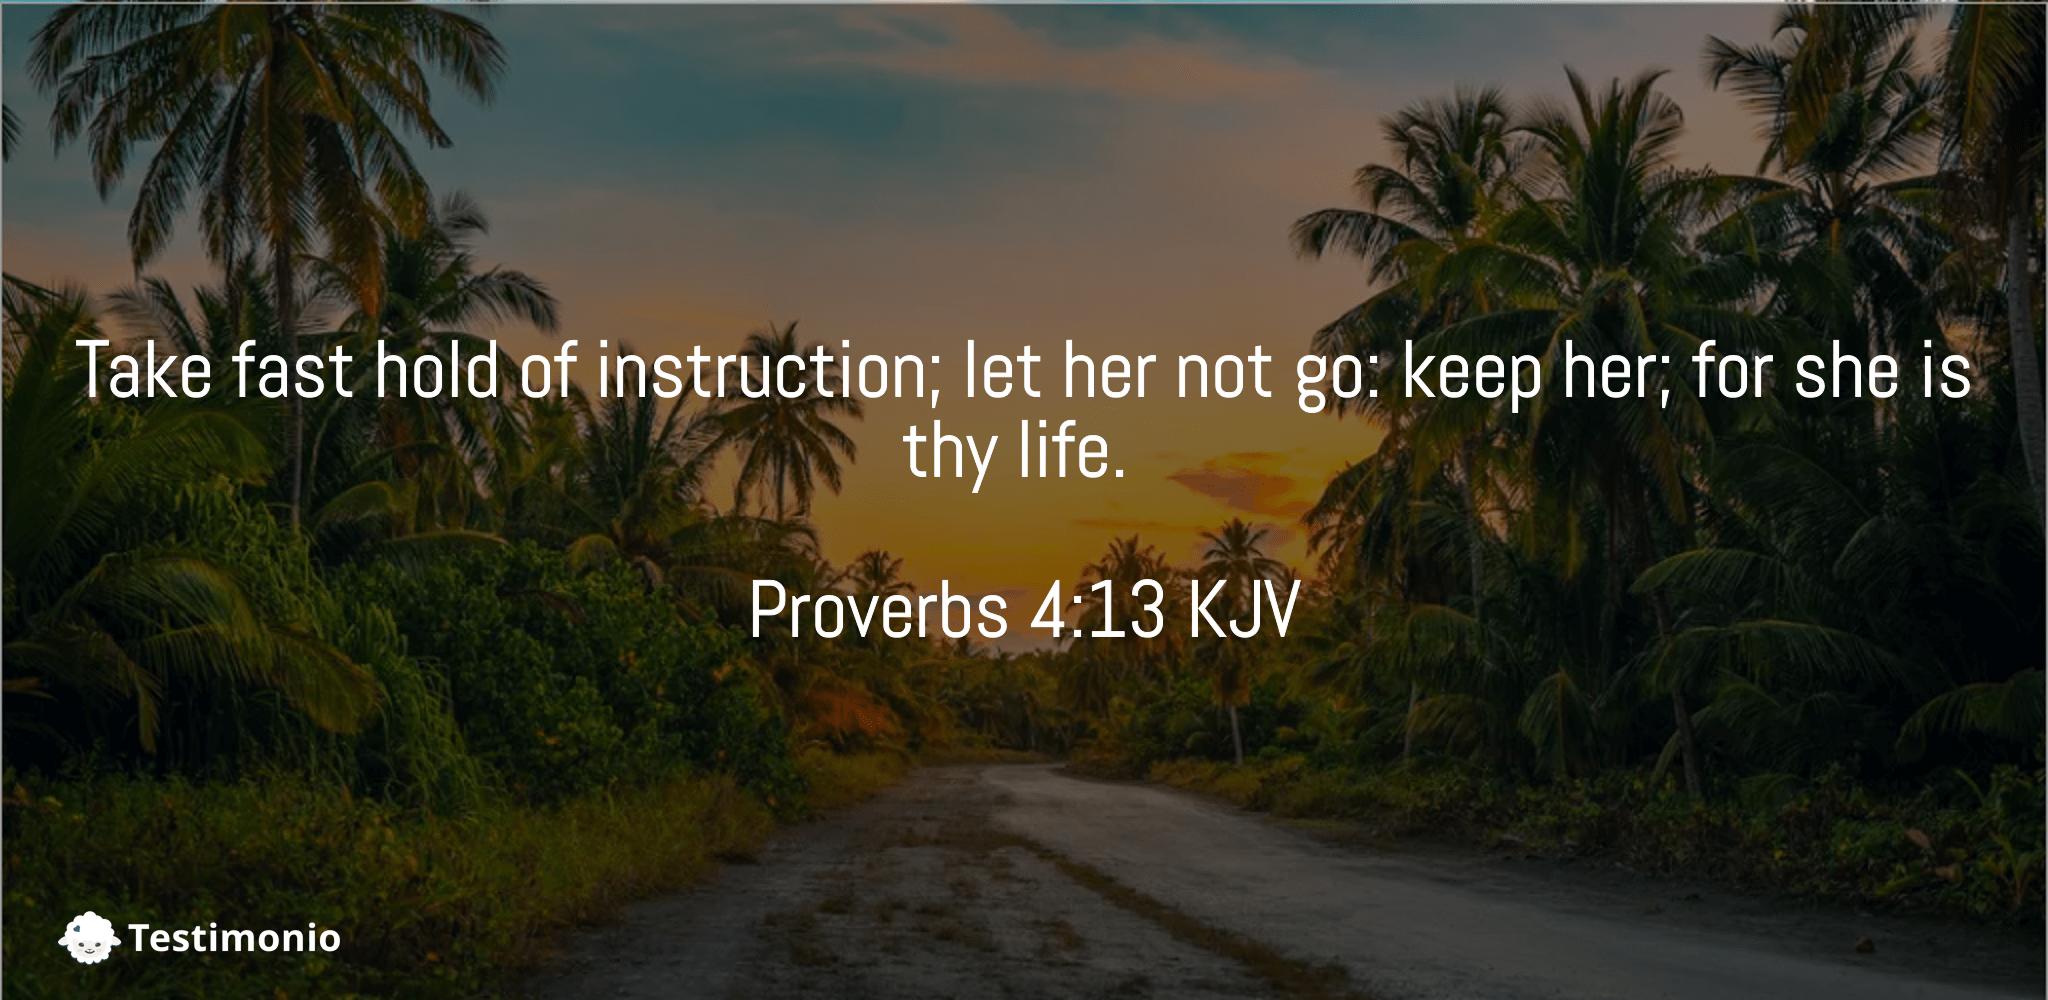 Proverbs 4:13